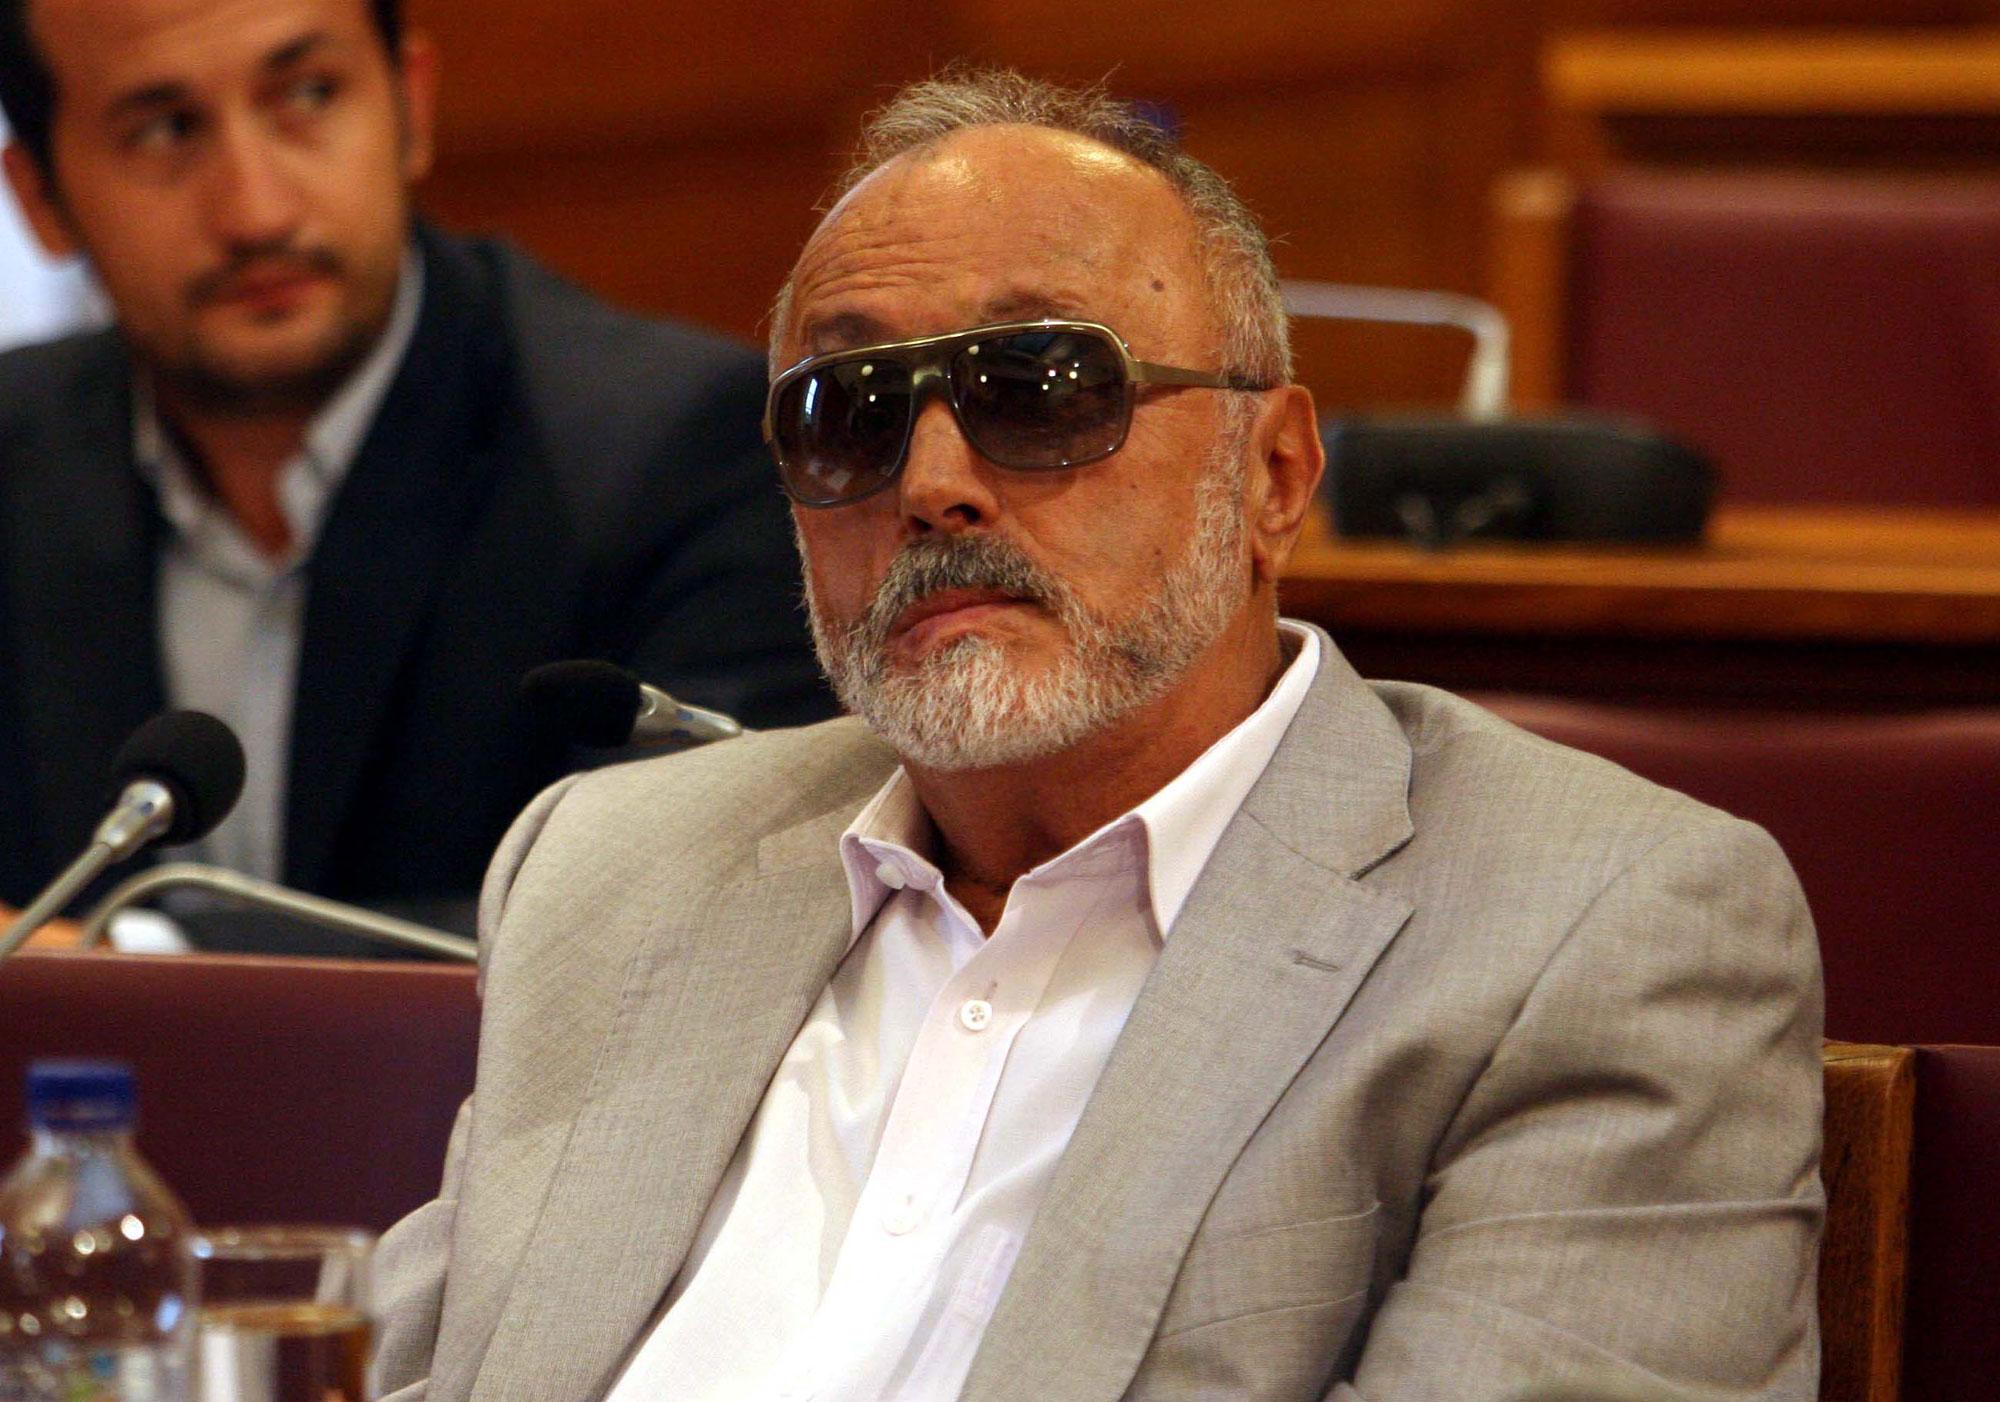 Π.Κουρουμπλής στο HealthReport.gr : «Θα στηρίξω την ελληνική φαρμακοβιομηχανία»!